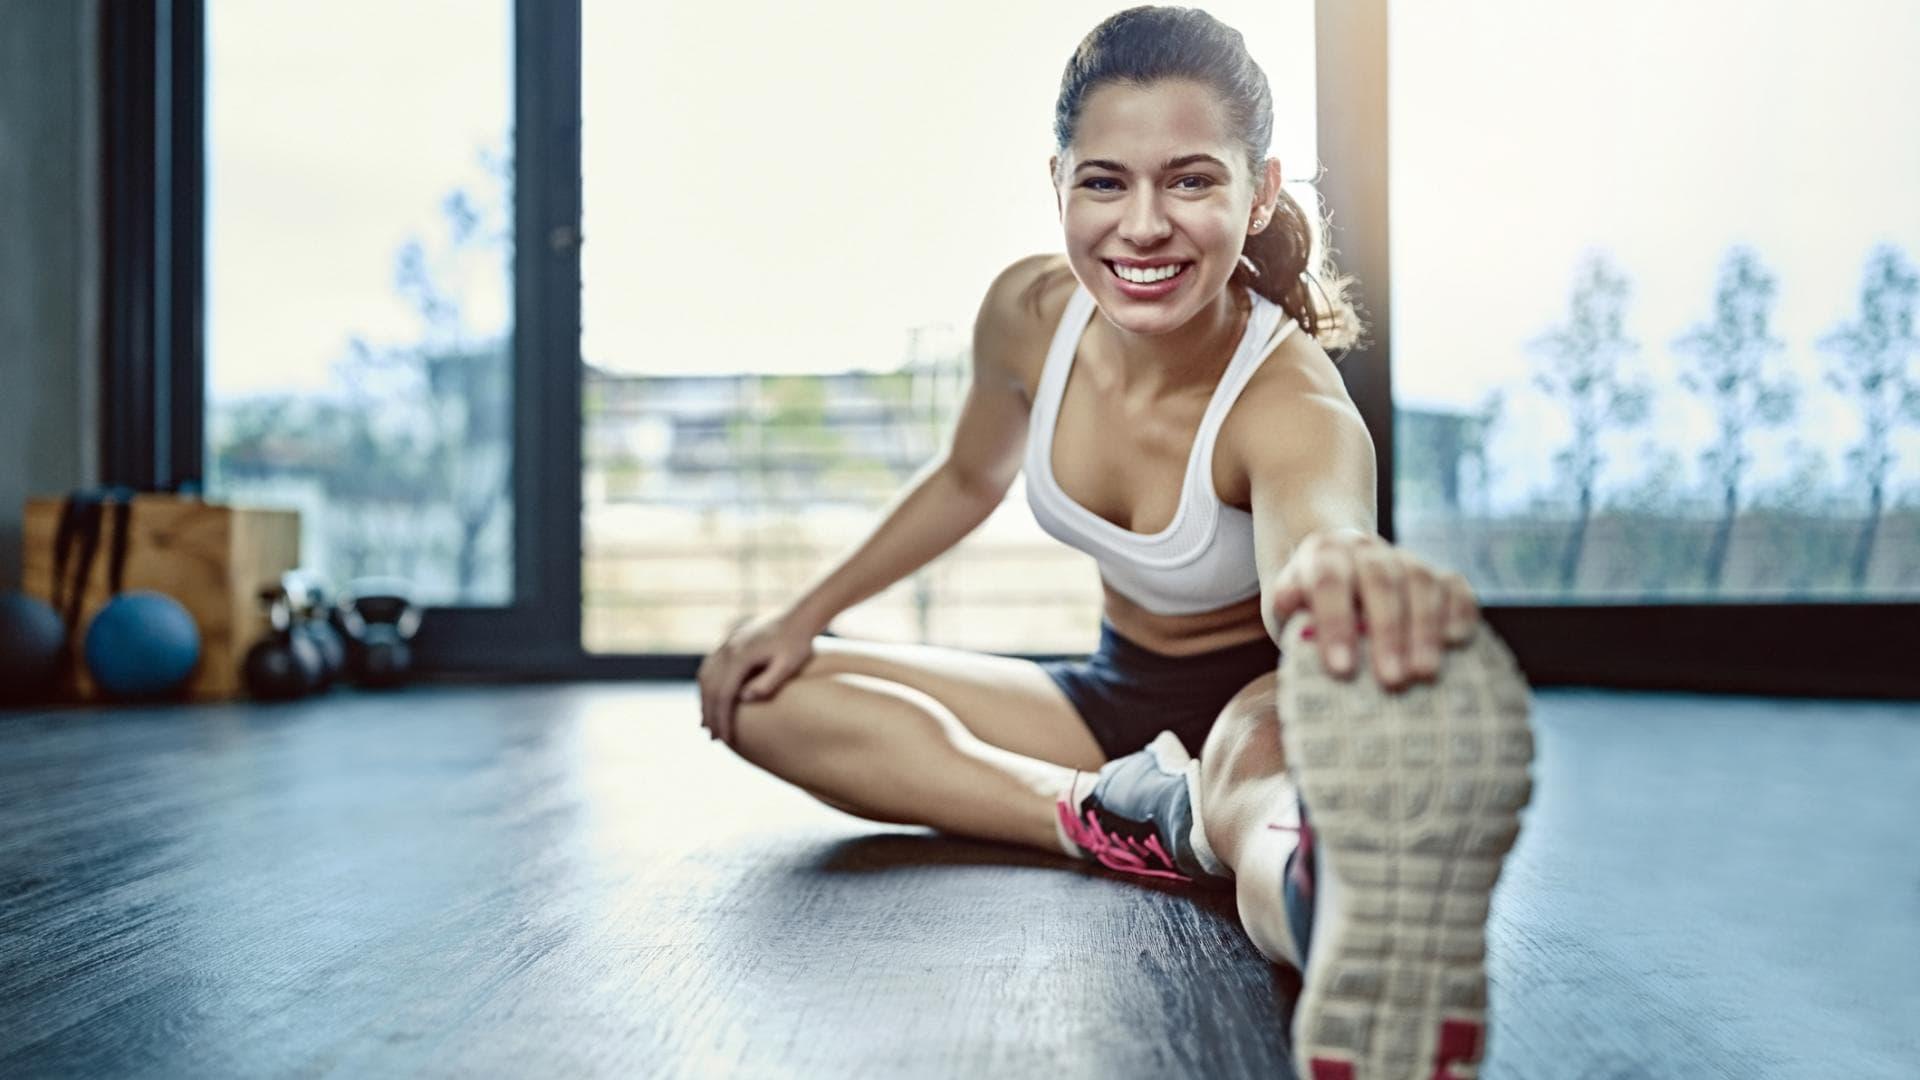 lavita kaufen wo gesund nahrungsergänzungfrau im gym dehnen